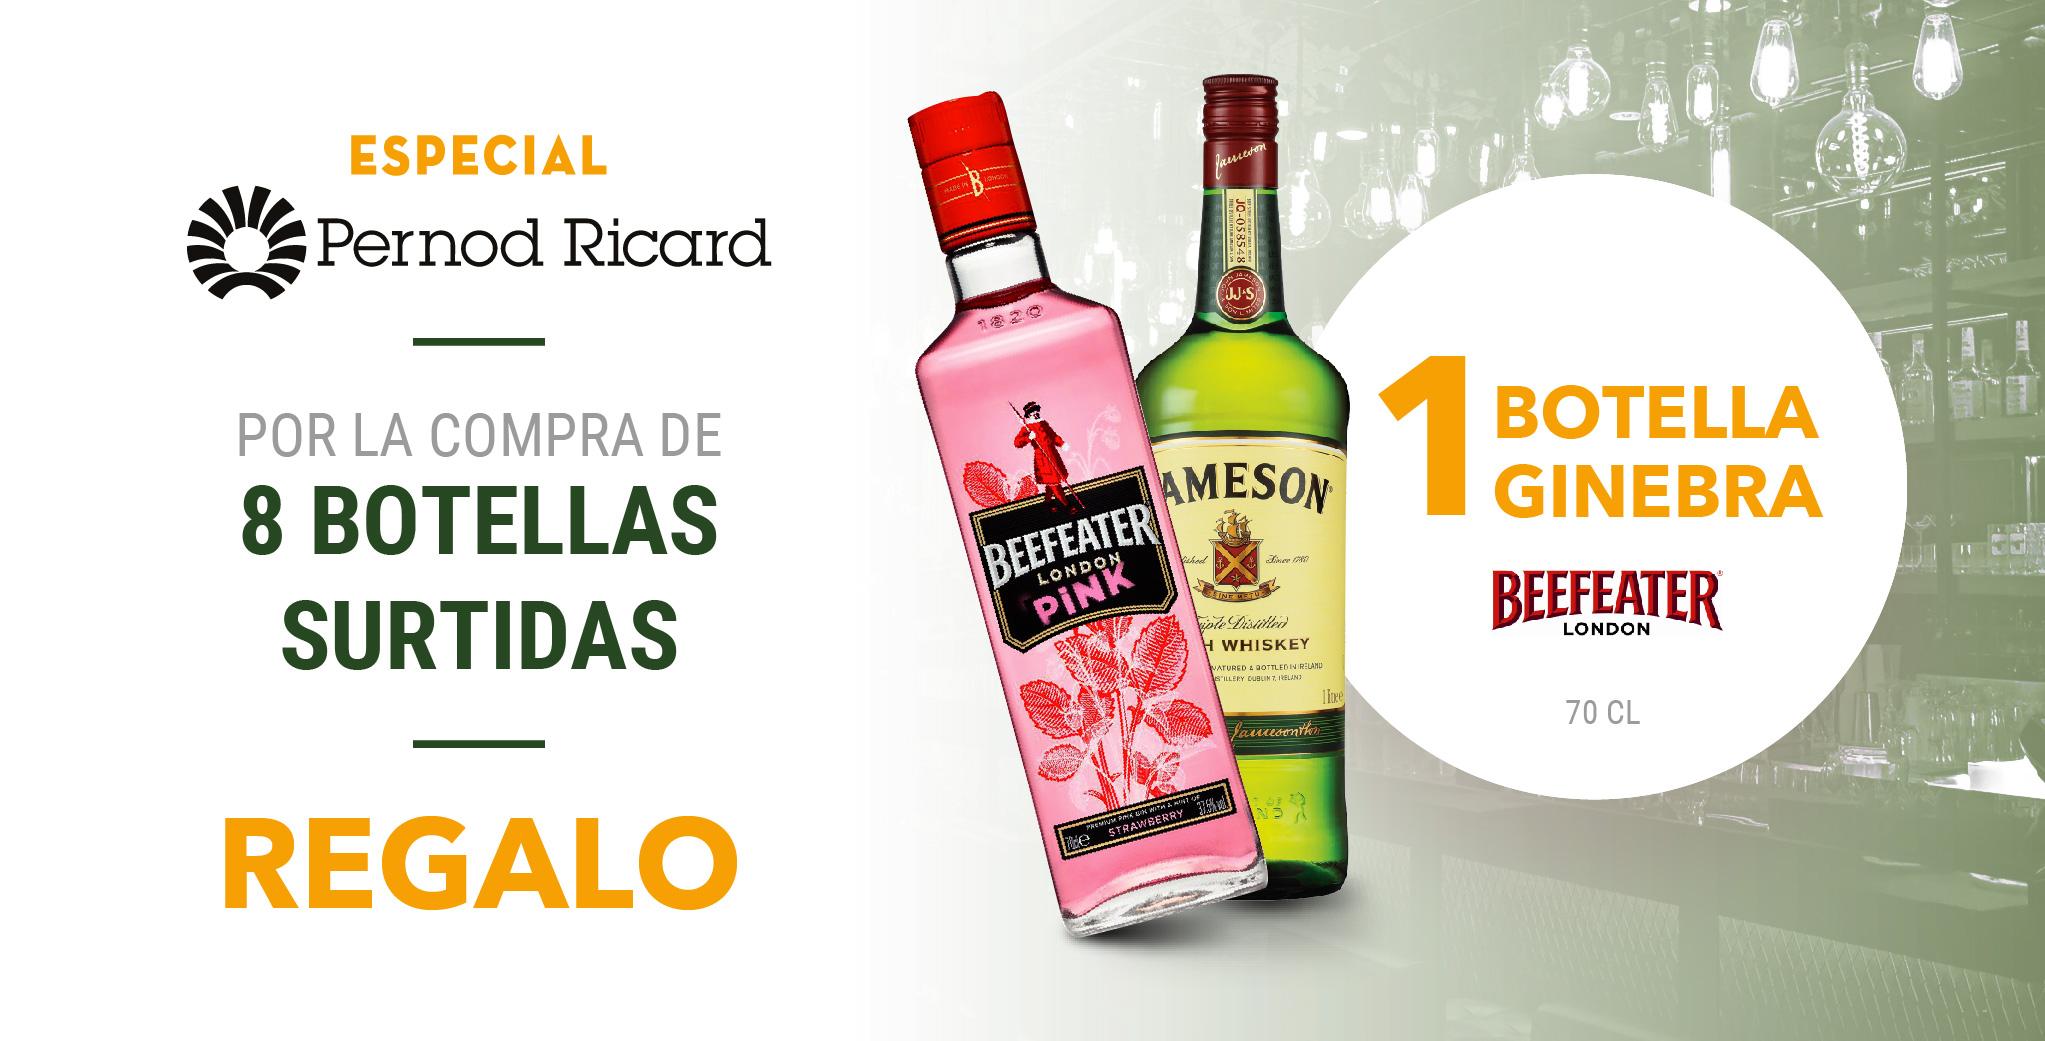 Especial Pernod Ricard - Marzo 2020